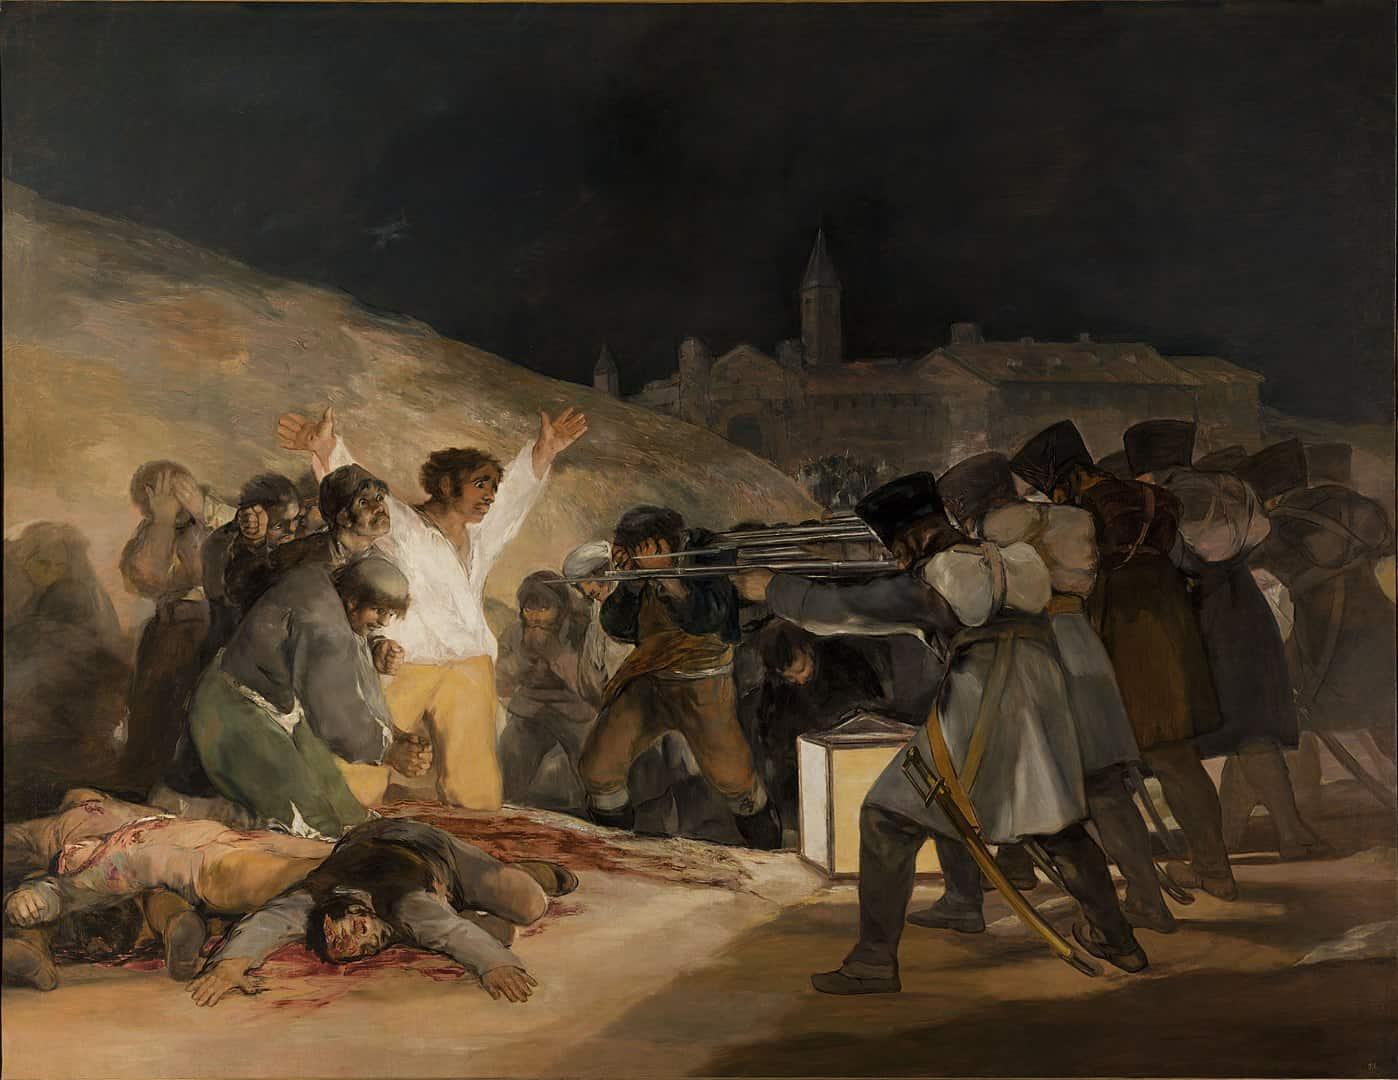 שלושה במאי 1808, פרנסיסקו גויא